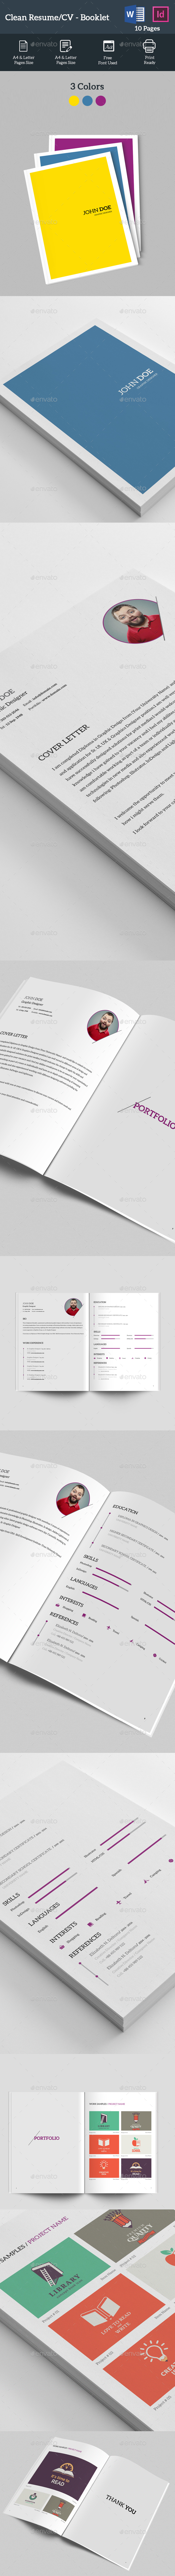 Clean Resume - CV Booklet